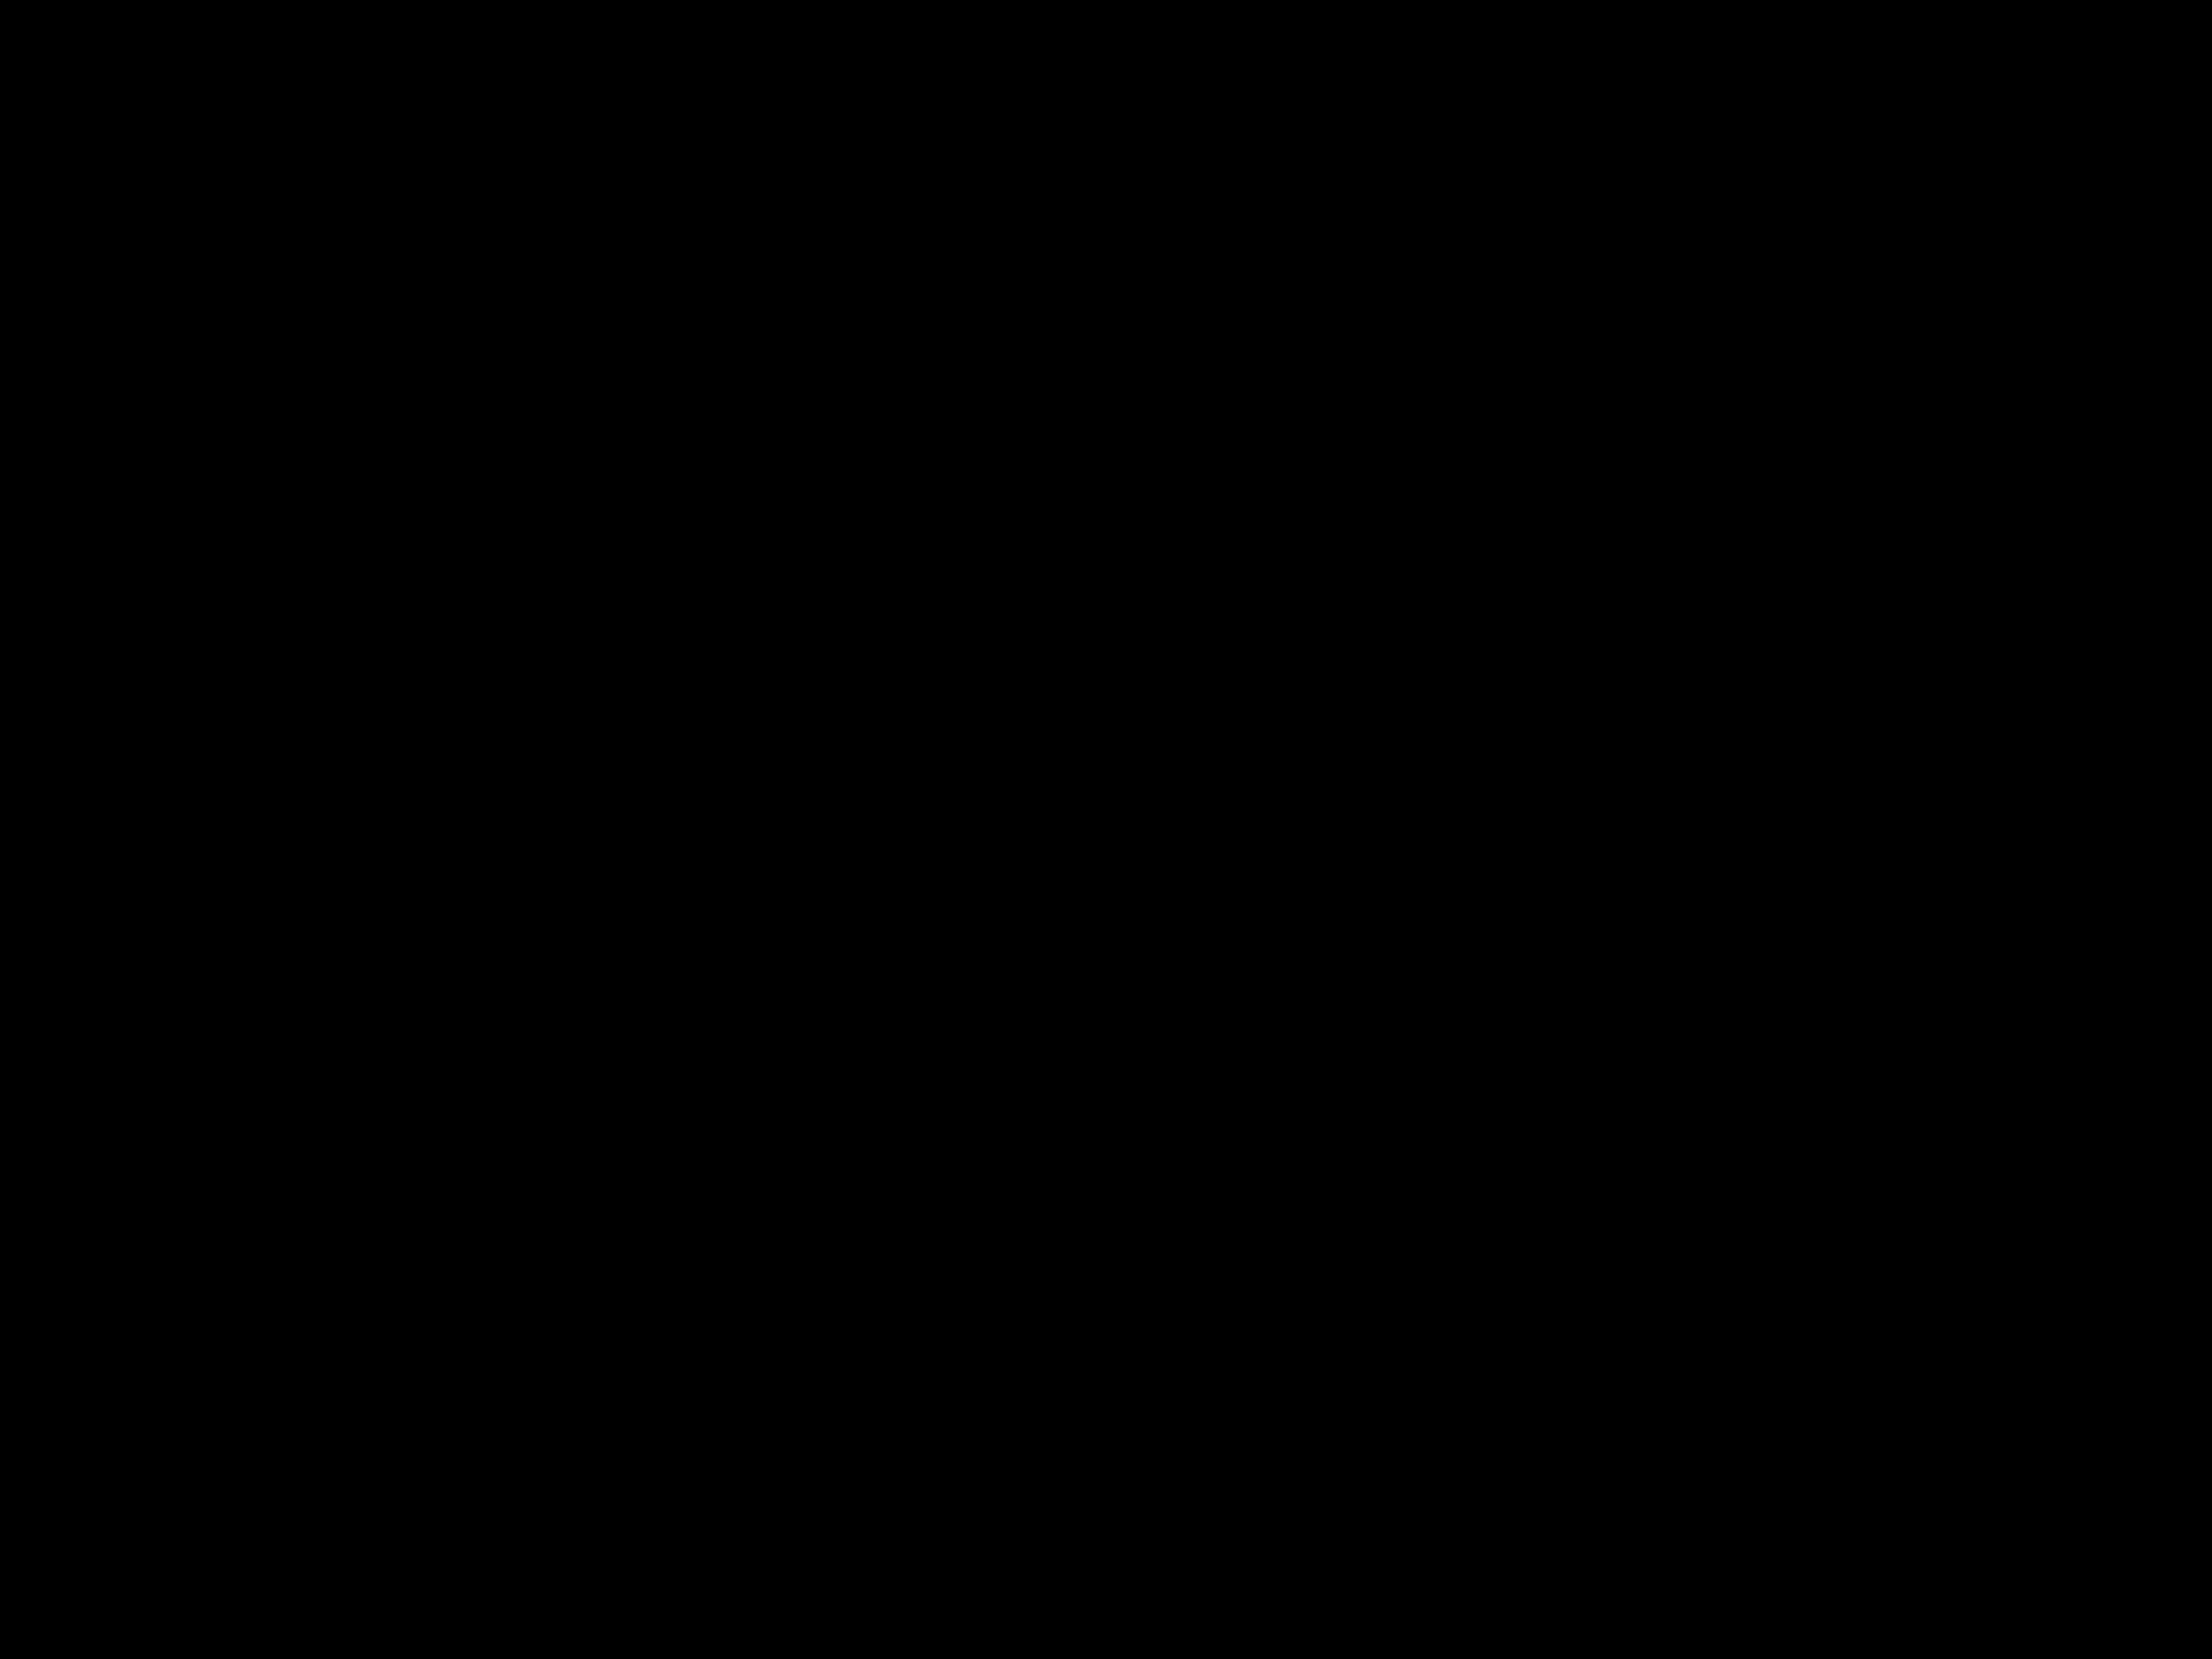 功群欧式铃 Light-Weight Taibolo Diabolo